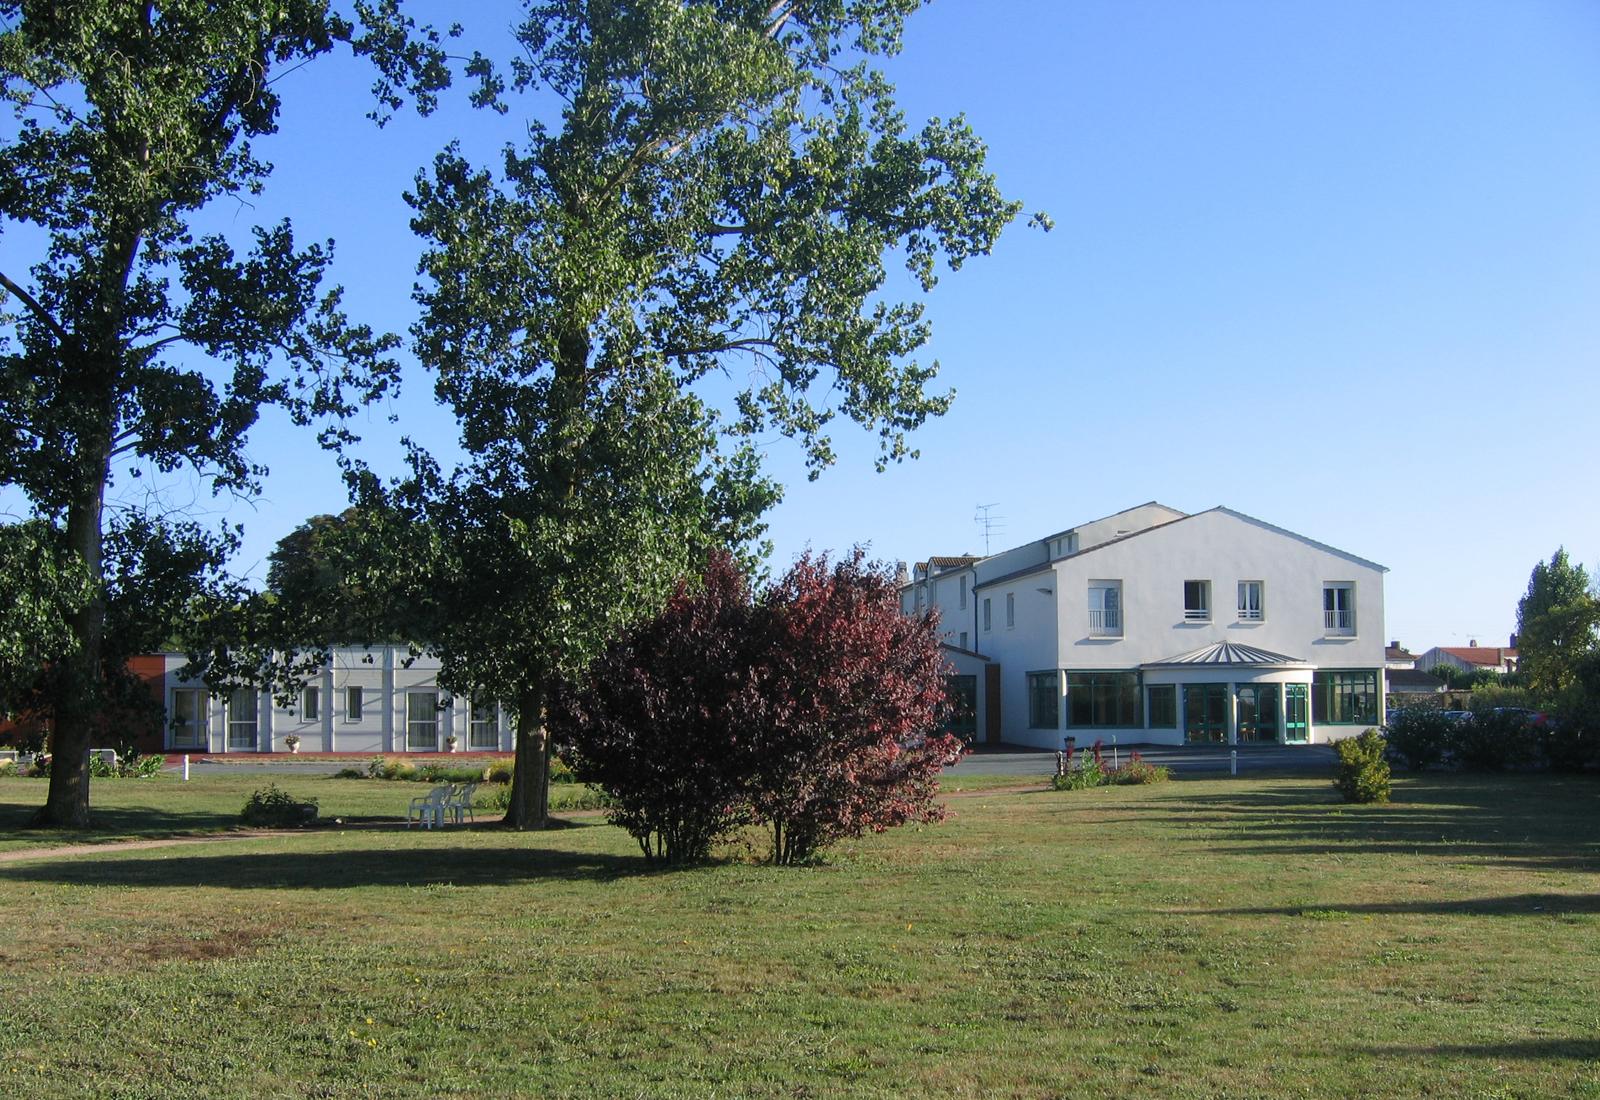 Maison de retraite Sainte Bernadette